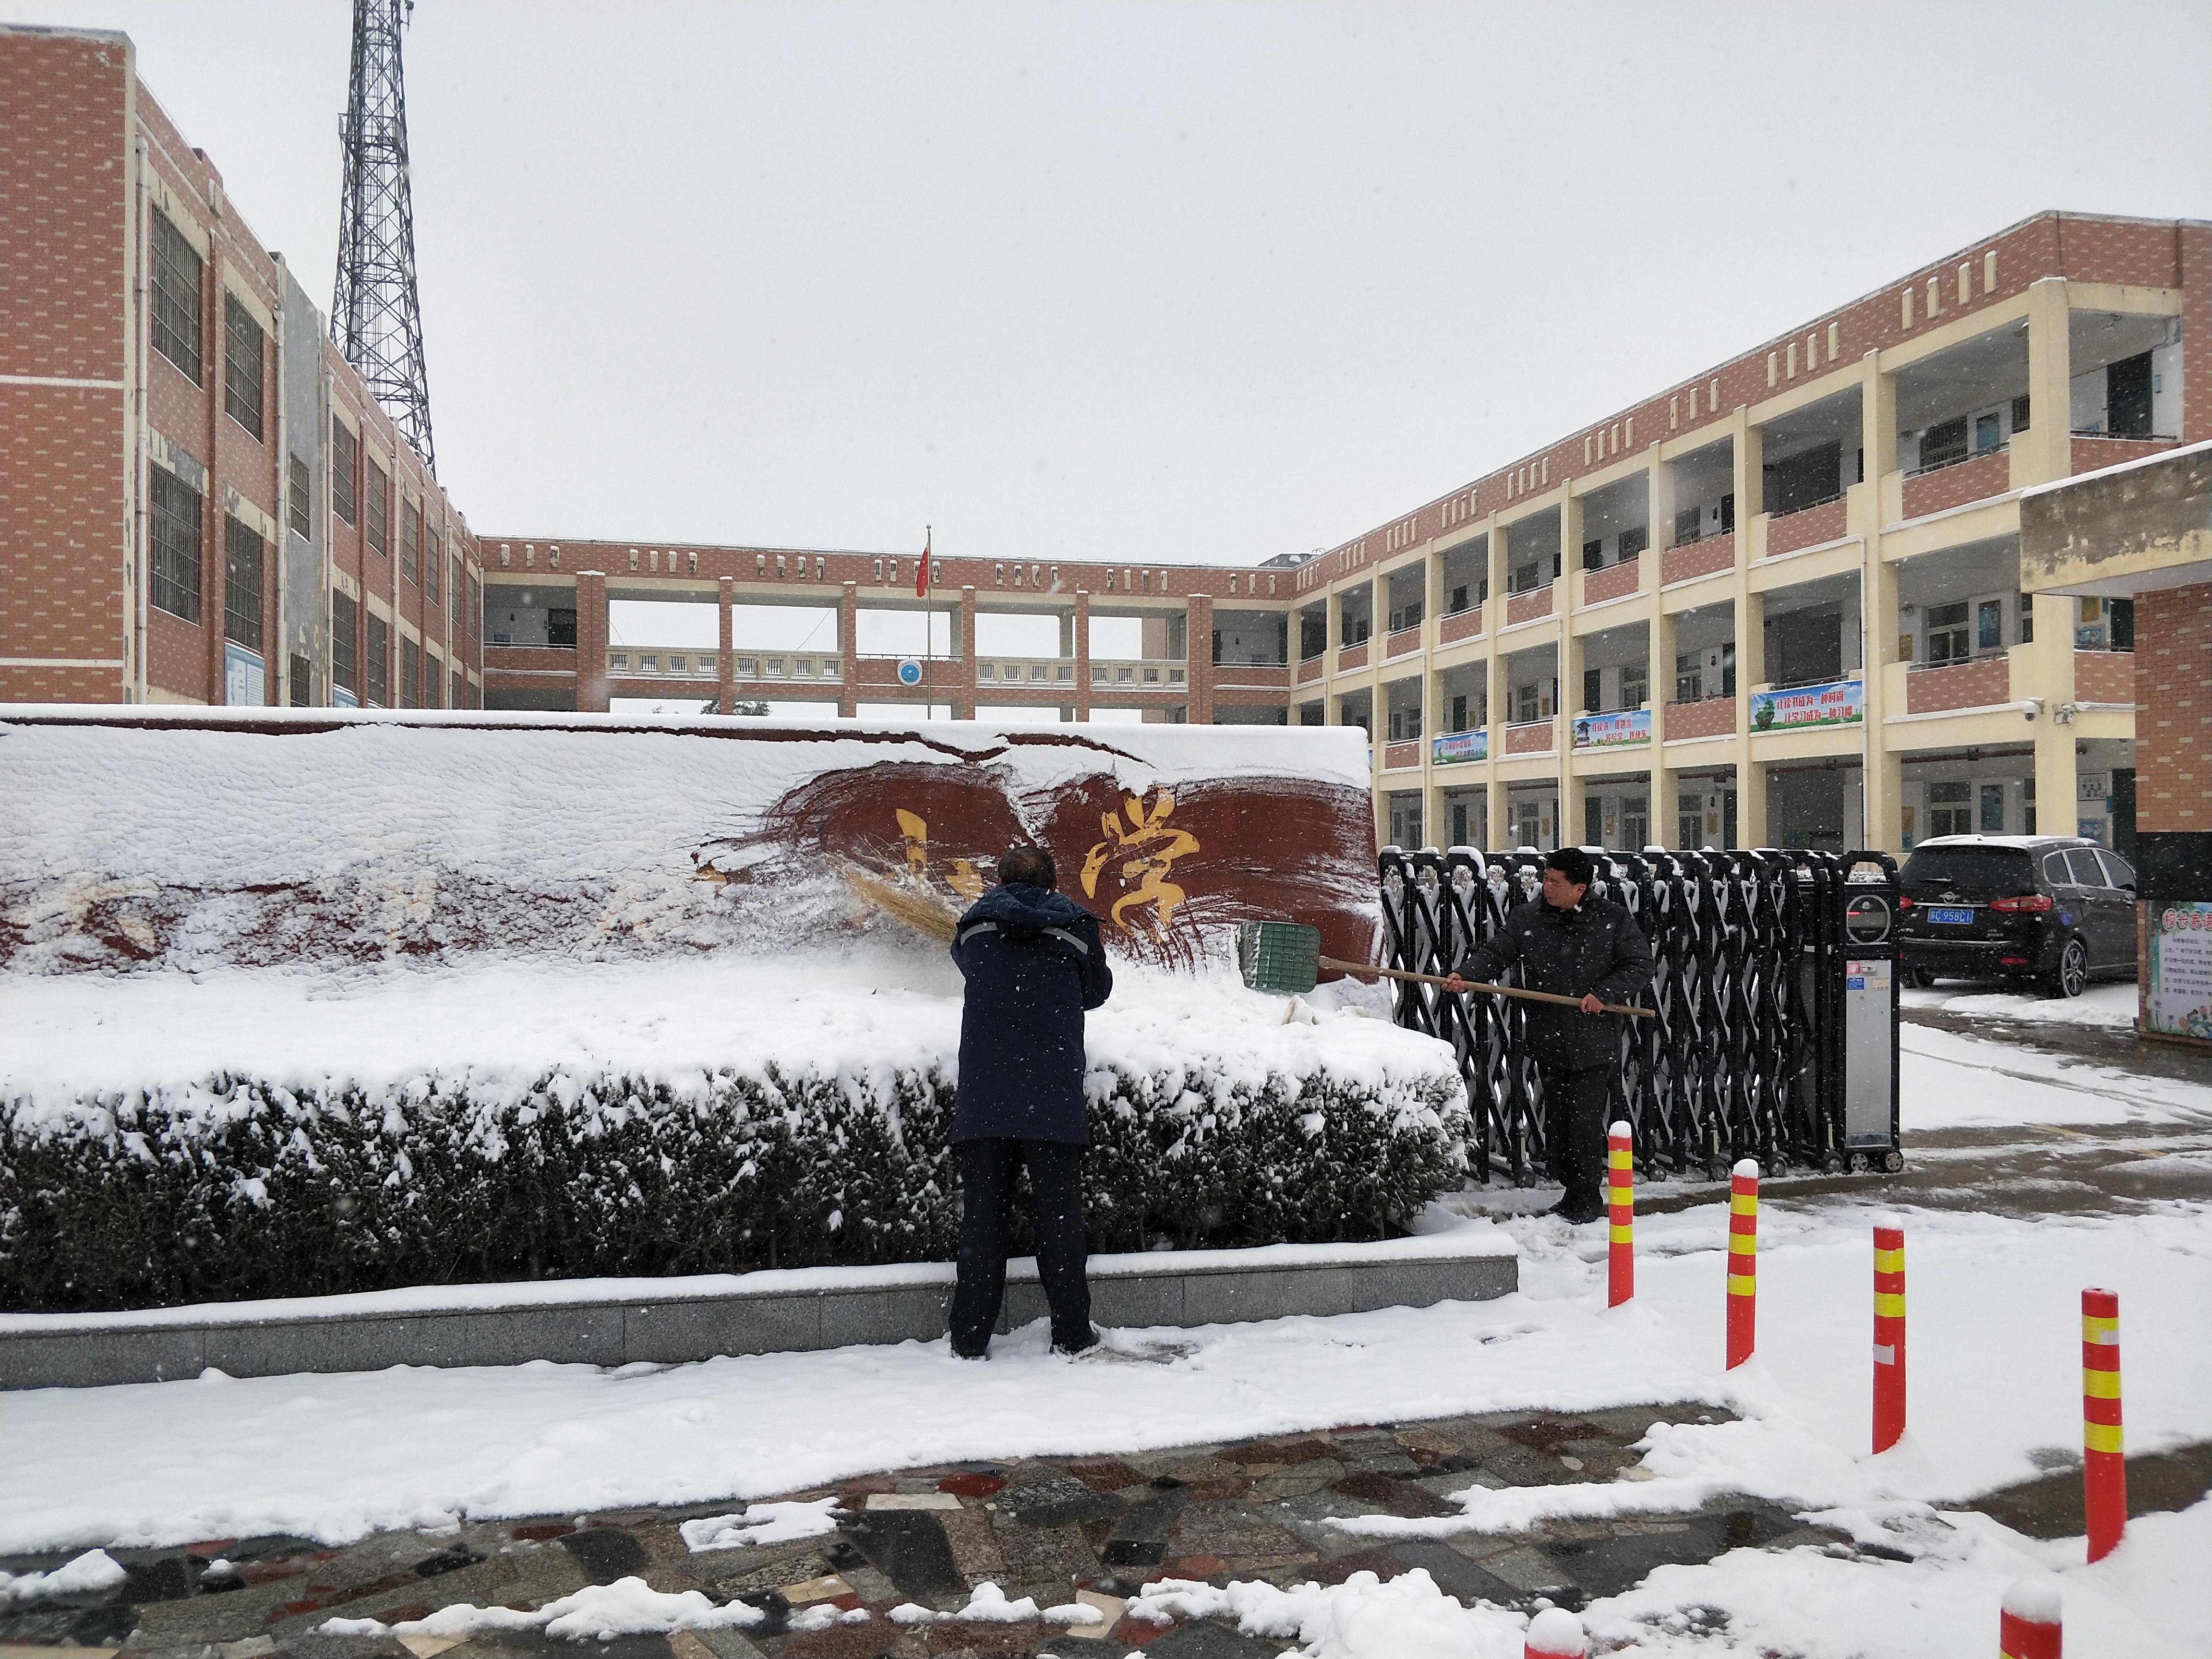 2018新年最美的一幅风景画——张寨镇关帝庙小学2018年1月4日